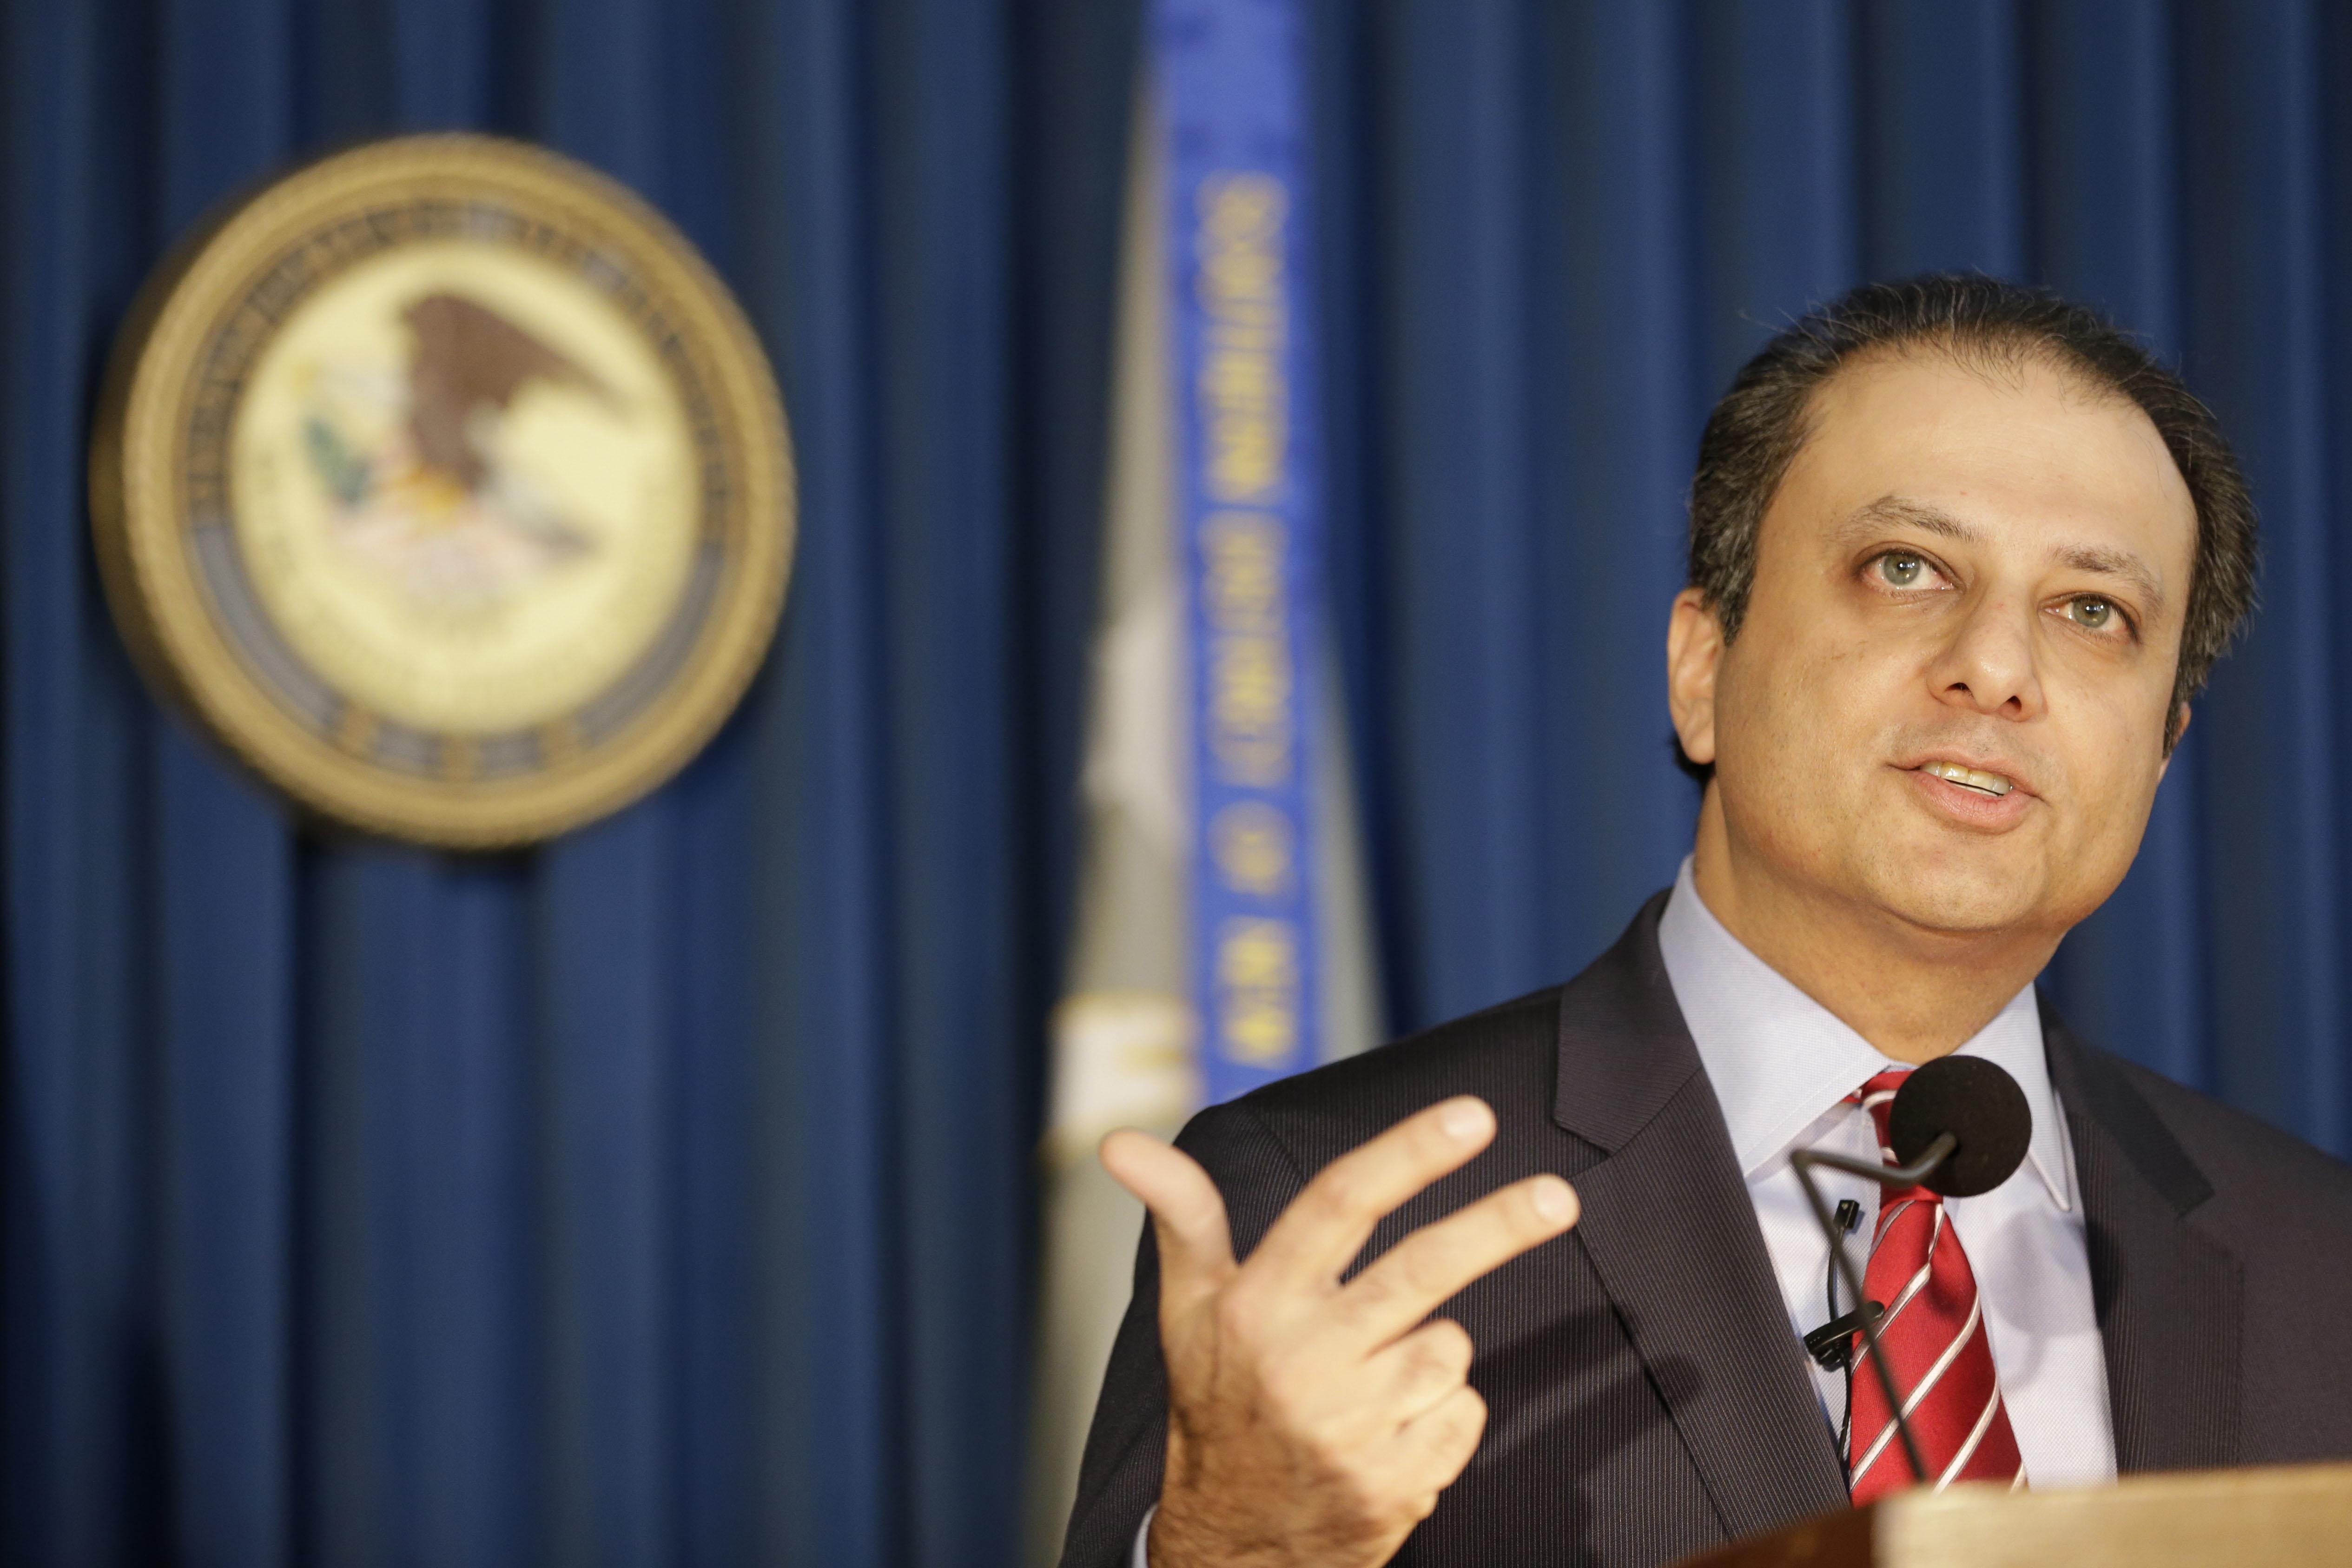 US Attorney Preet Bharara faces setbacks amid NY success run